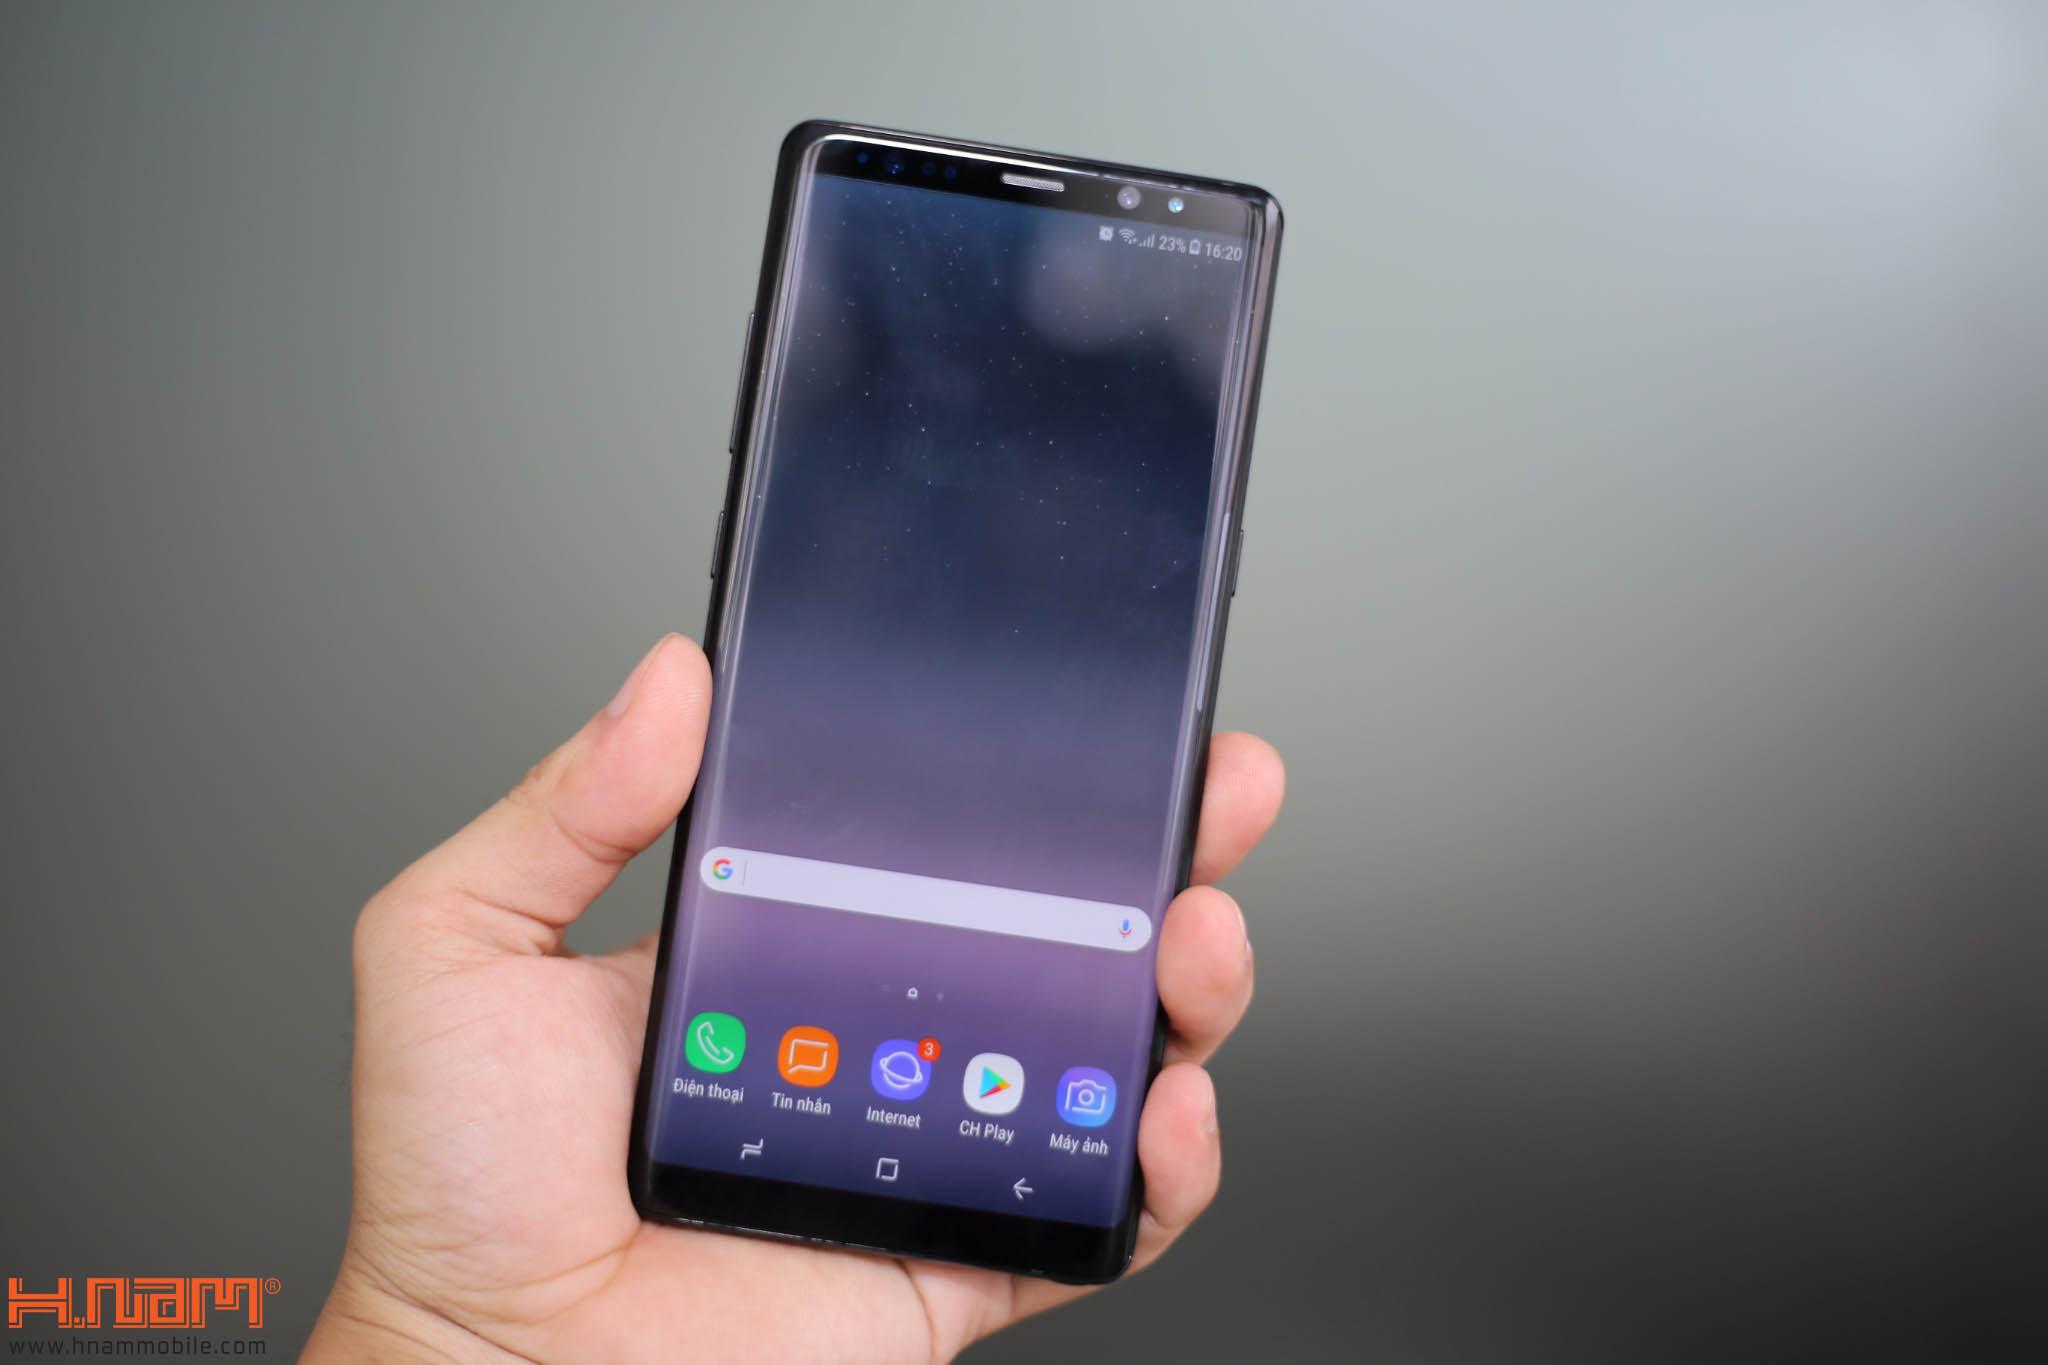 Mua điện thoại samsung giá rẻ nhất tại Hnam Mobile hình 1